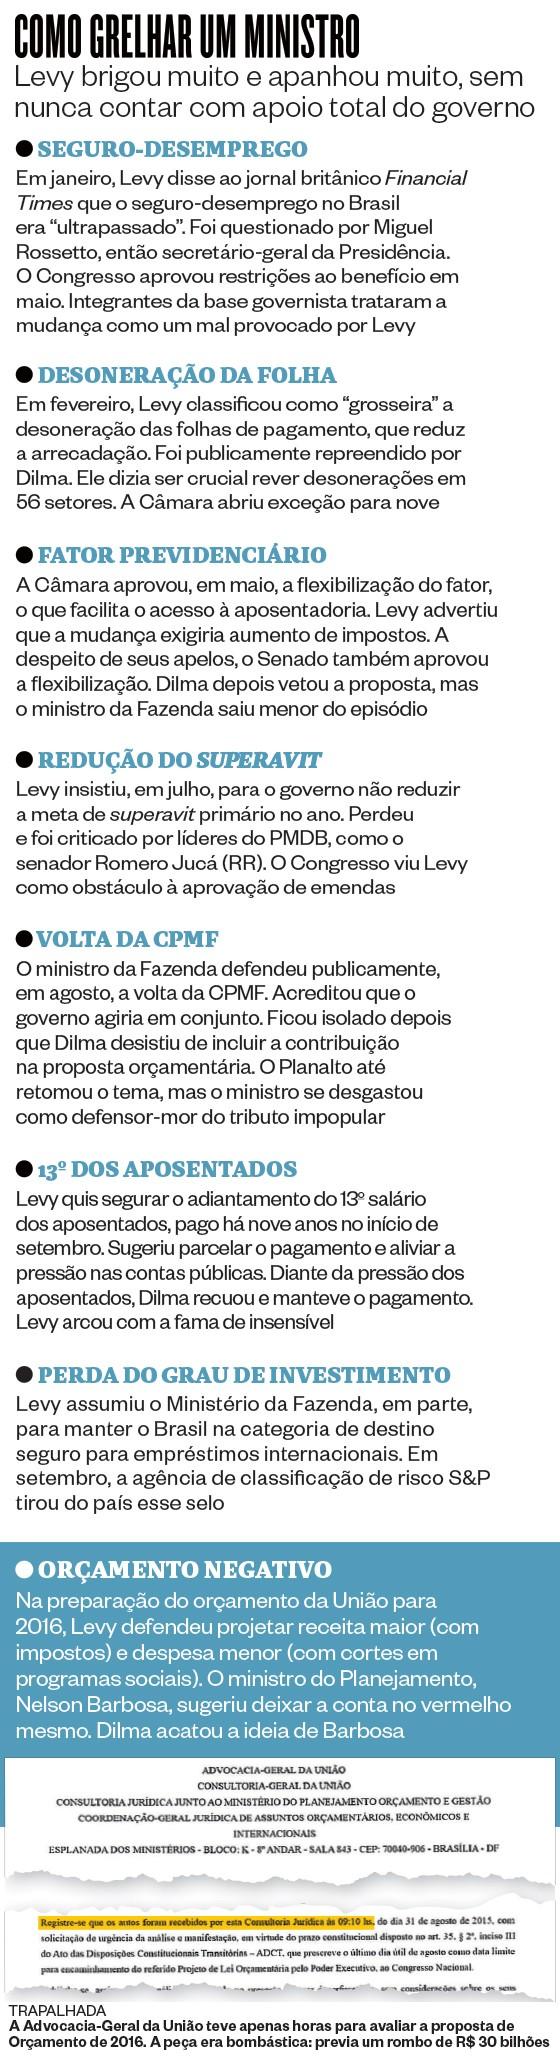 Como grelhar um ministro (Foto: Revista ÉPOCA/Reprodução)